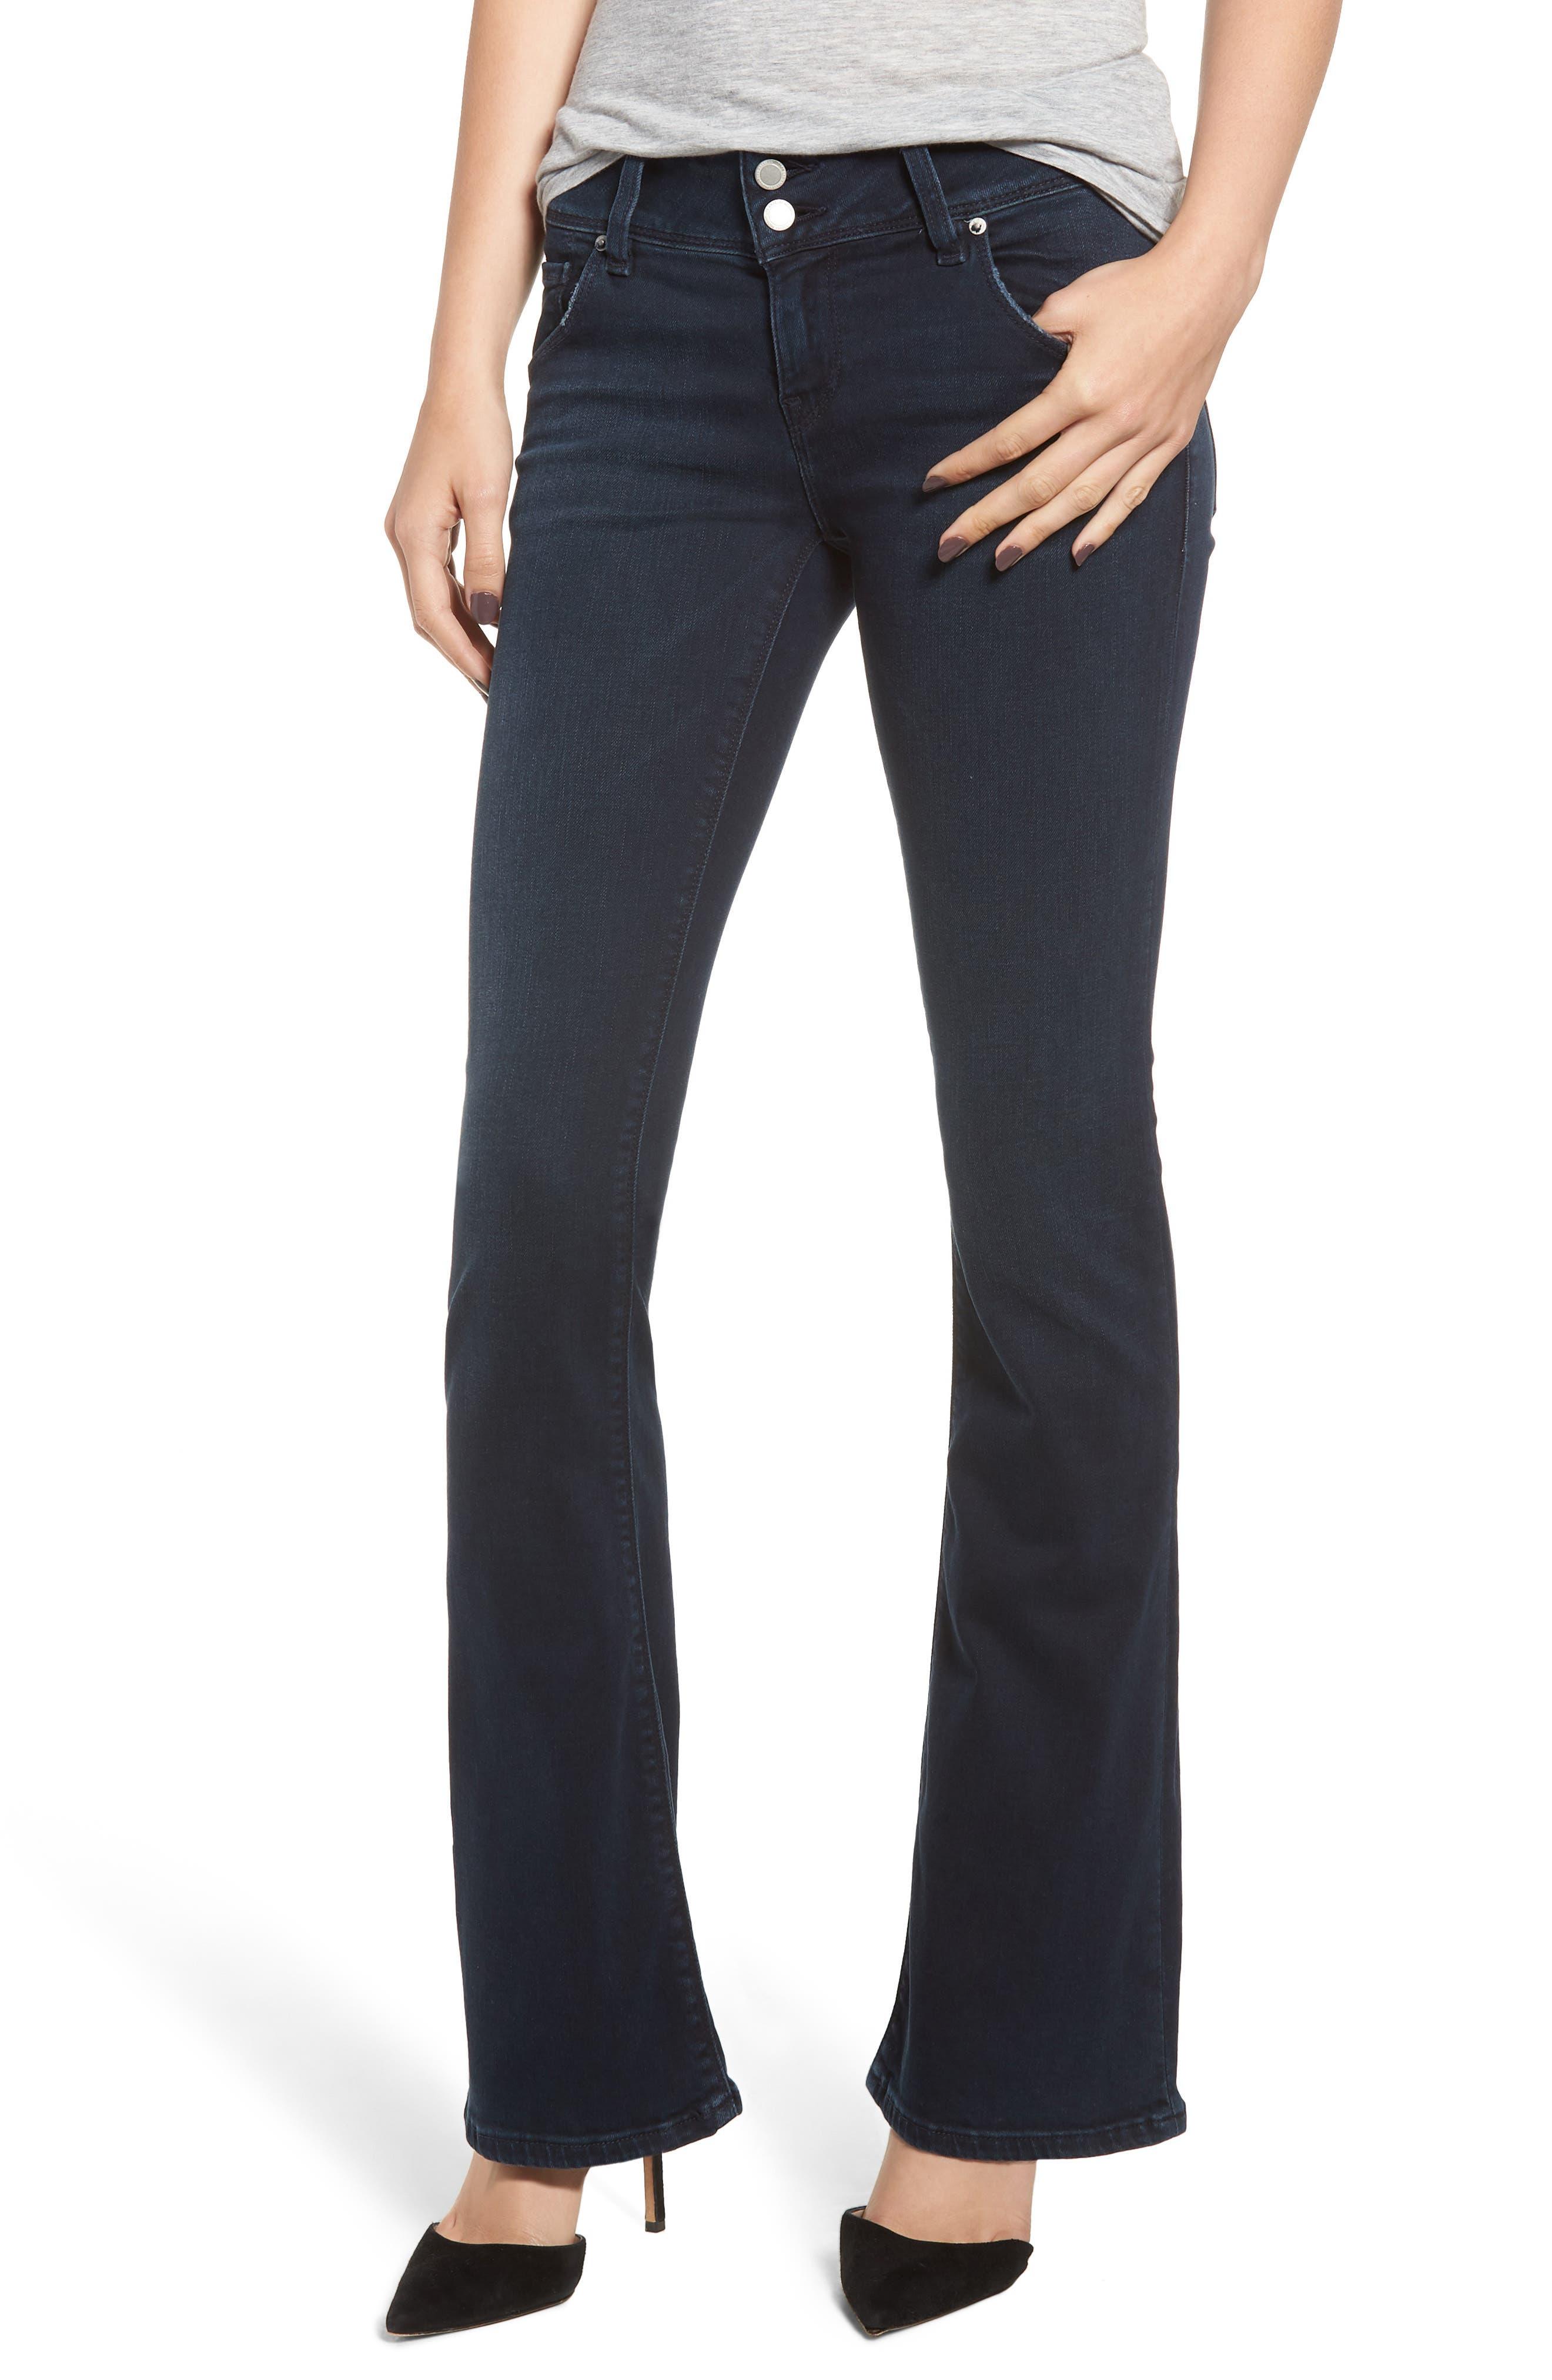 Petite Women's Hudson Jeans Signature Bootcut Jeans